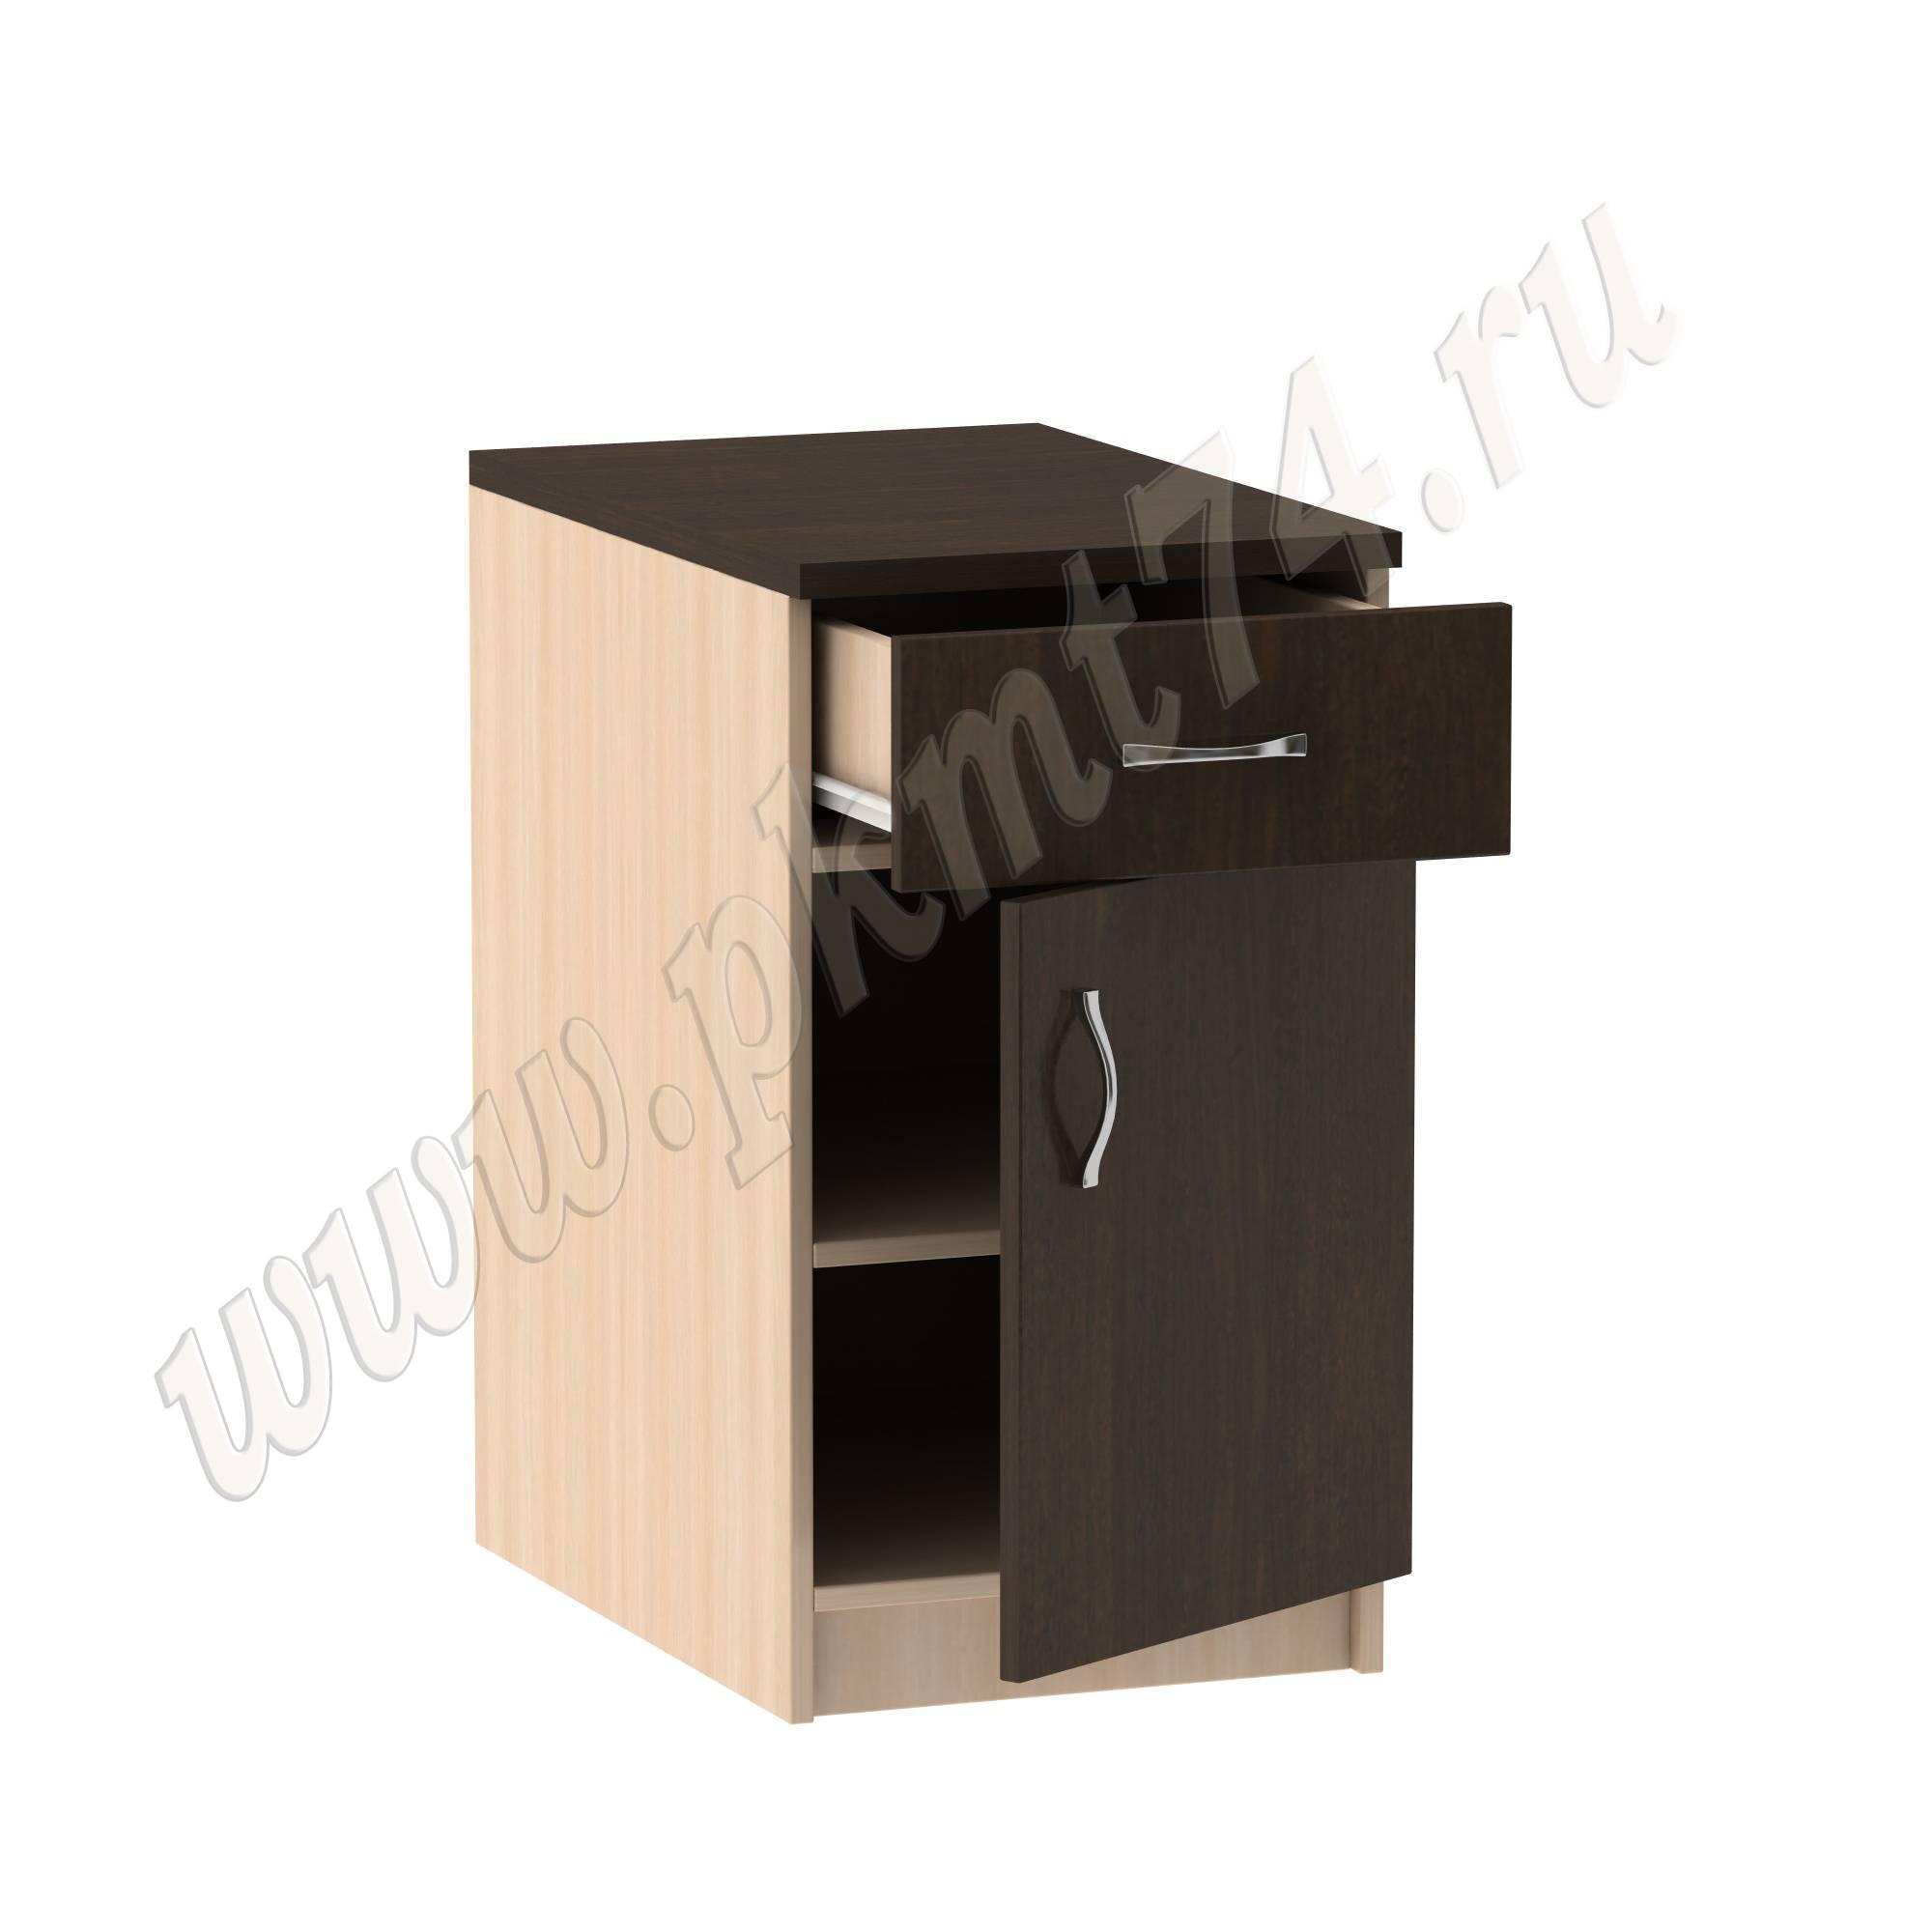 Тумба стационарная офисная с ящиком [Стандартный цвет:: Орех; Цвета ЛДСП на выбор:: Молочный-Венге]